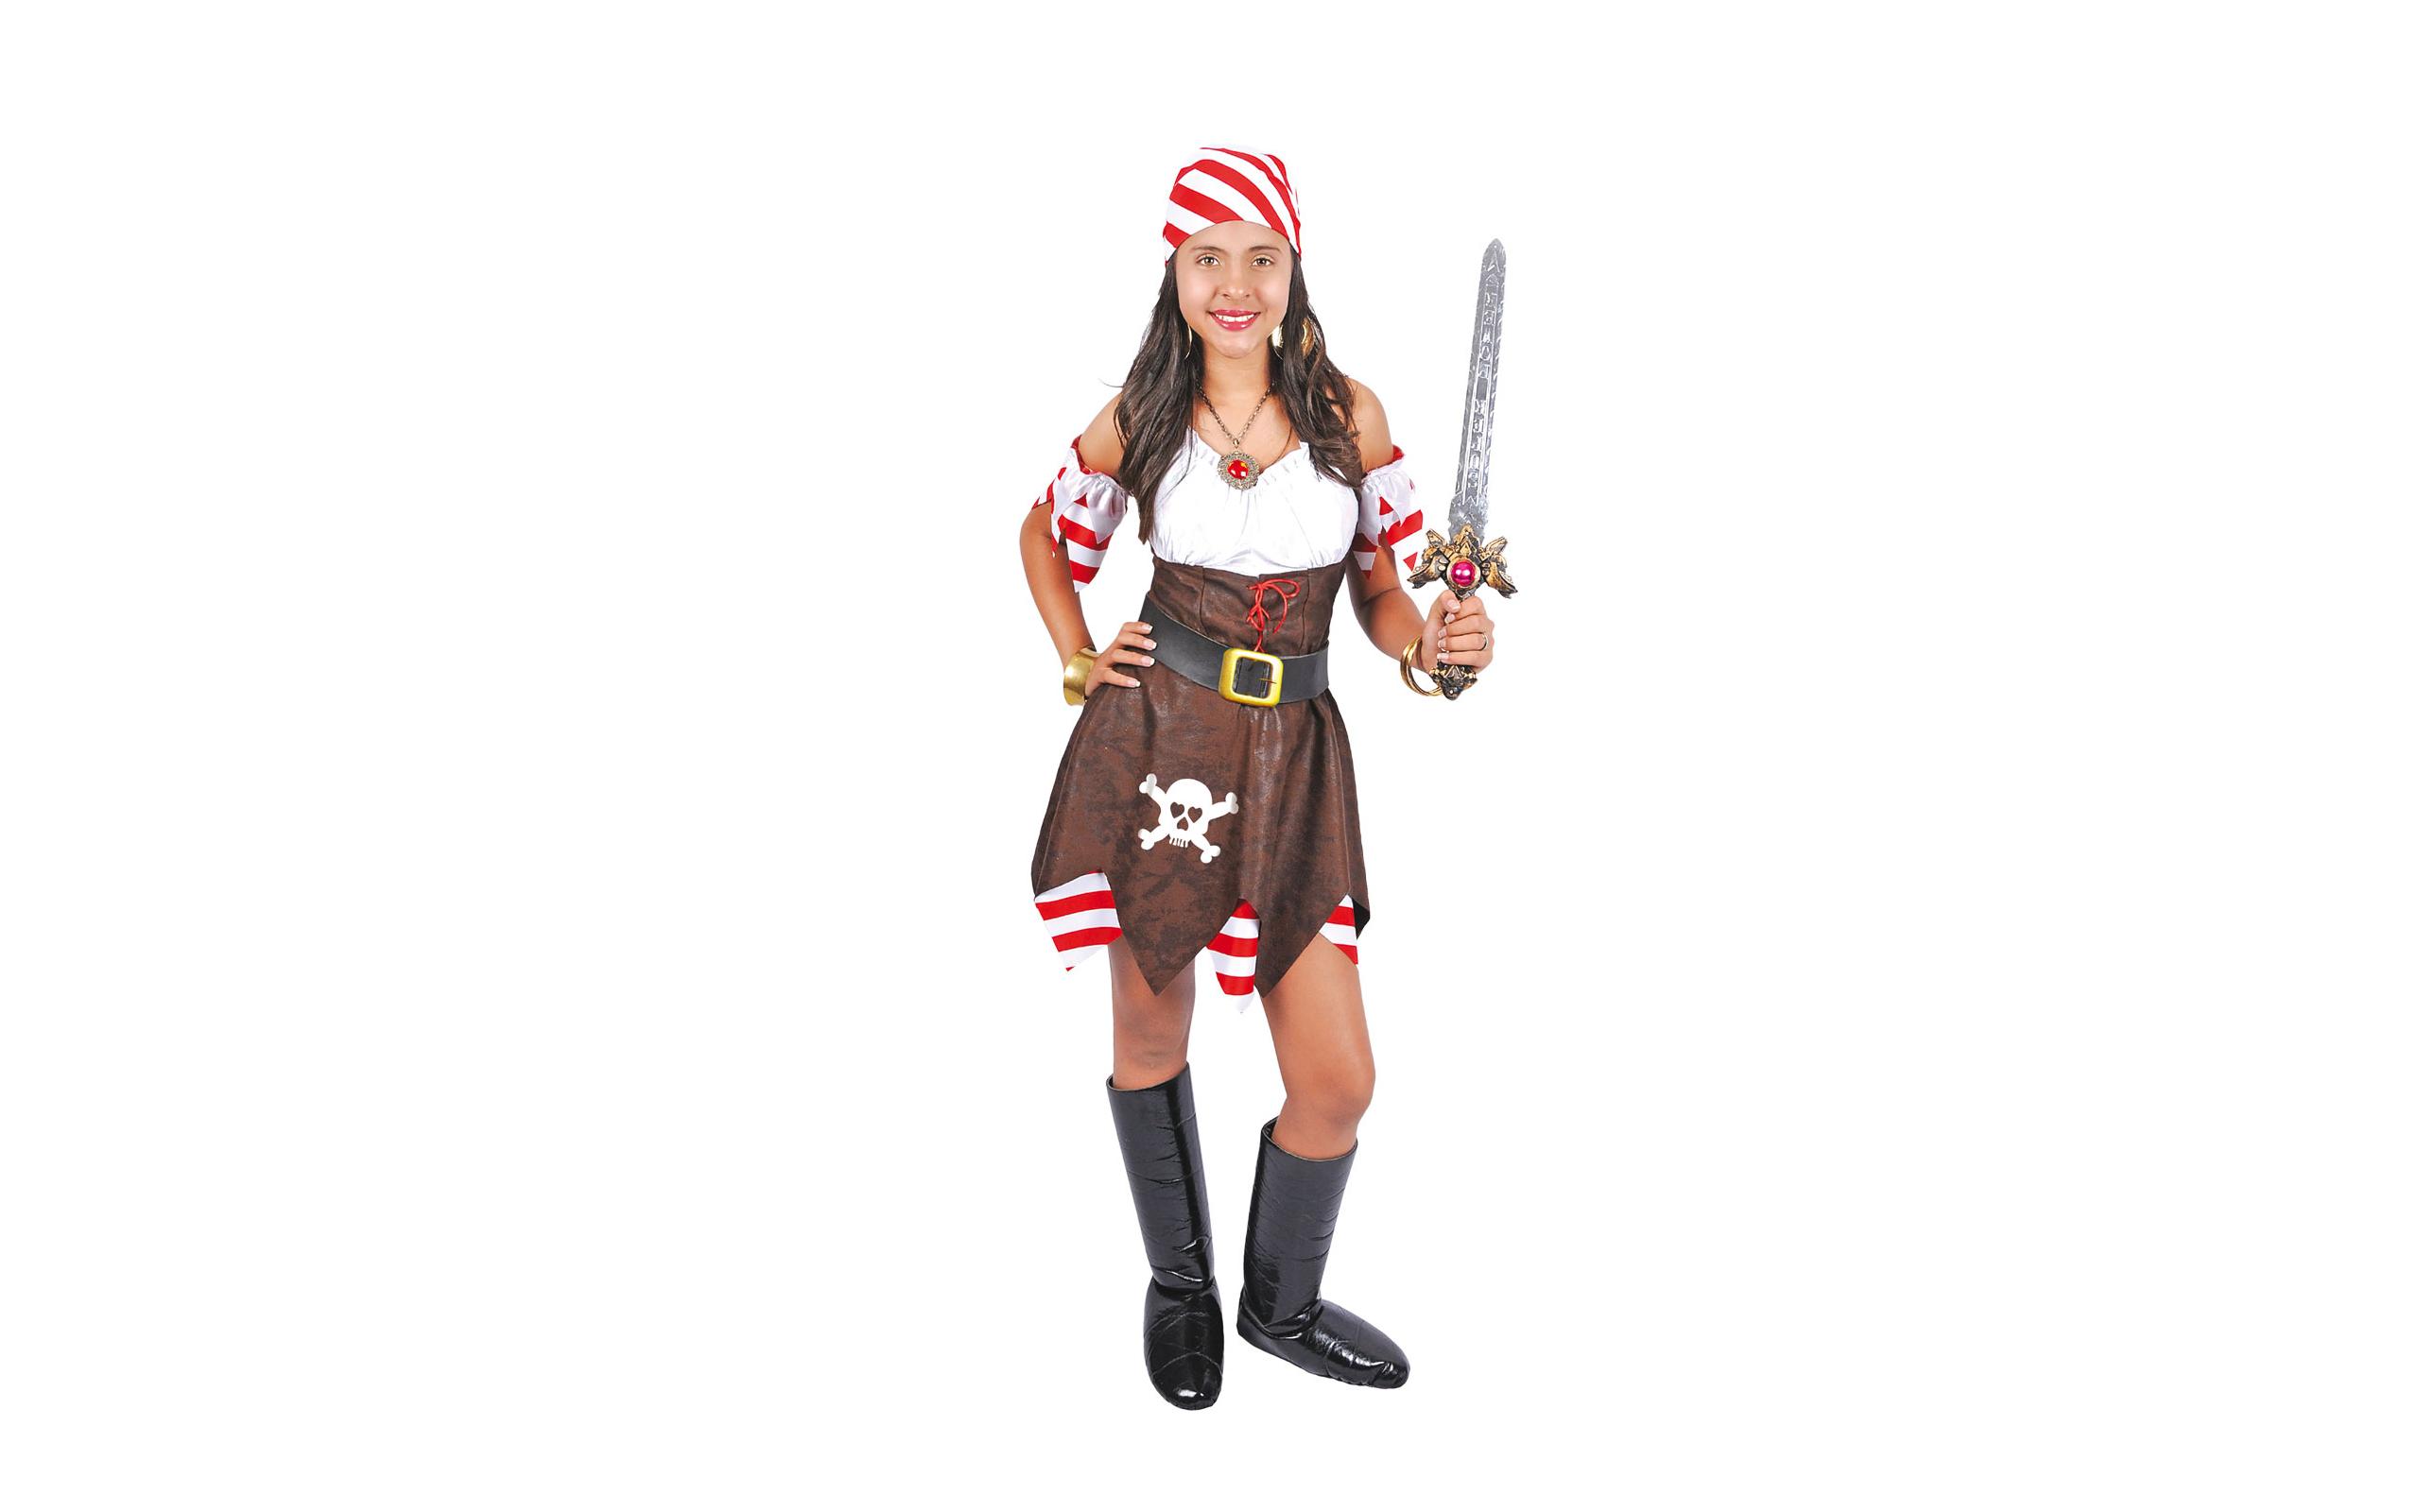 Chica pirata - 2560x1600